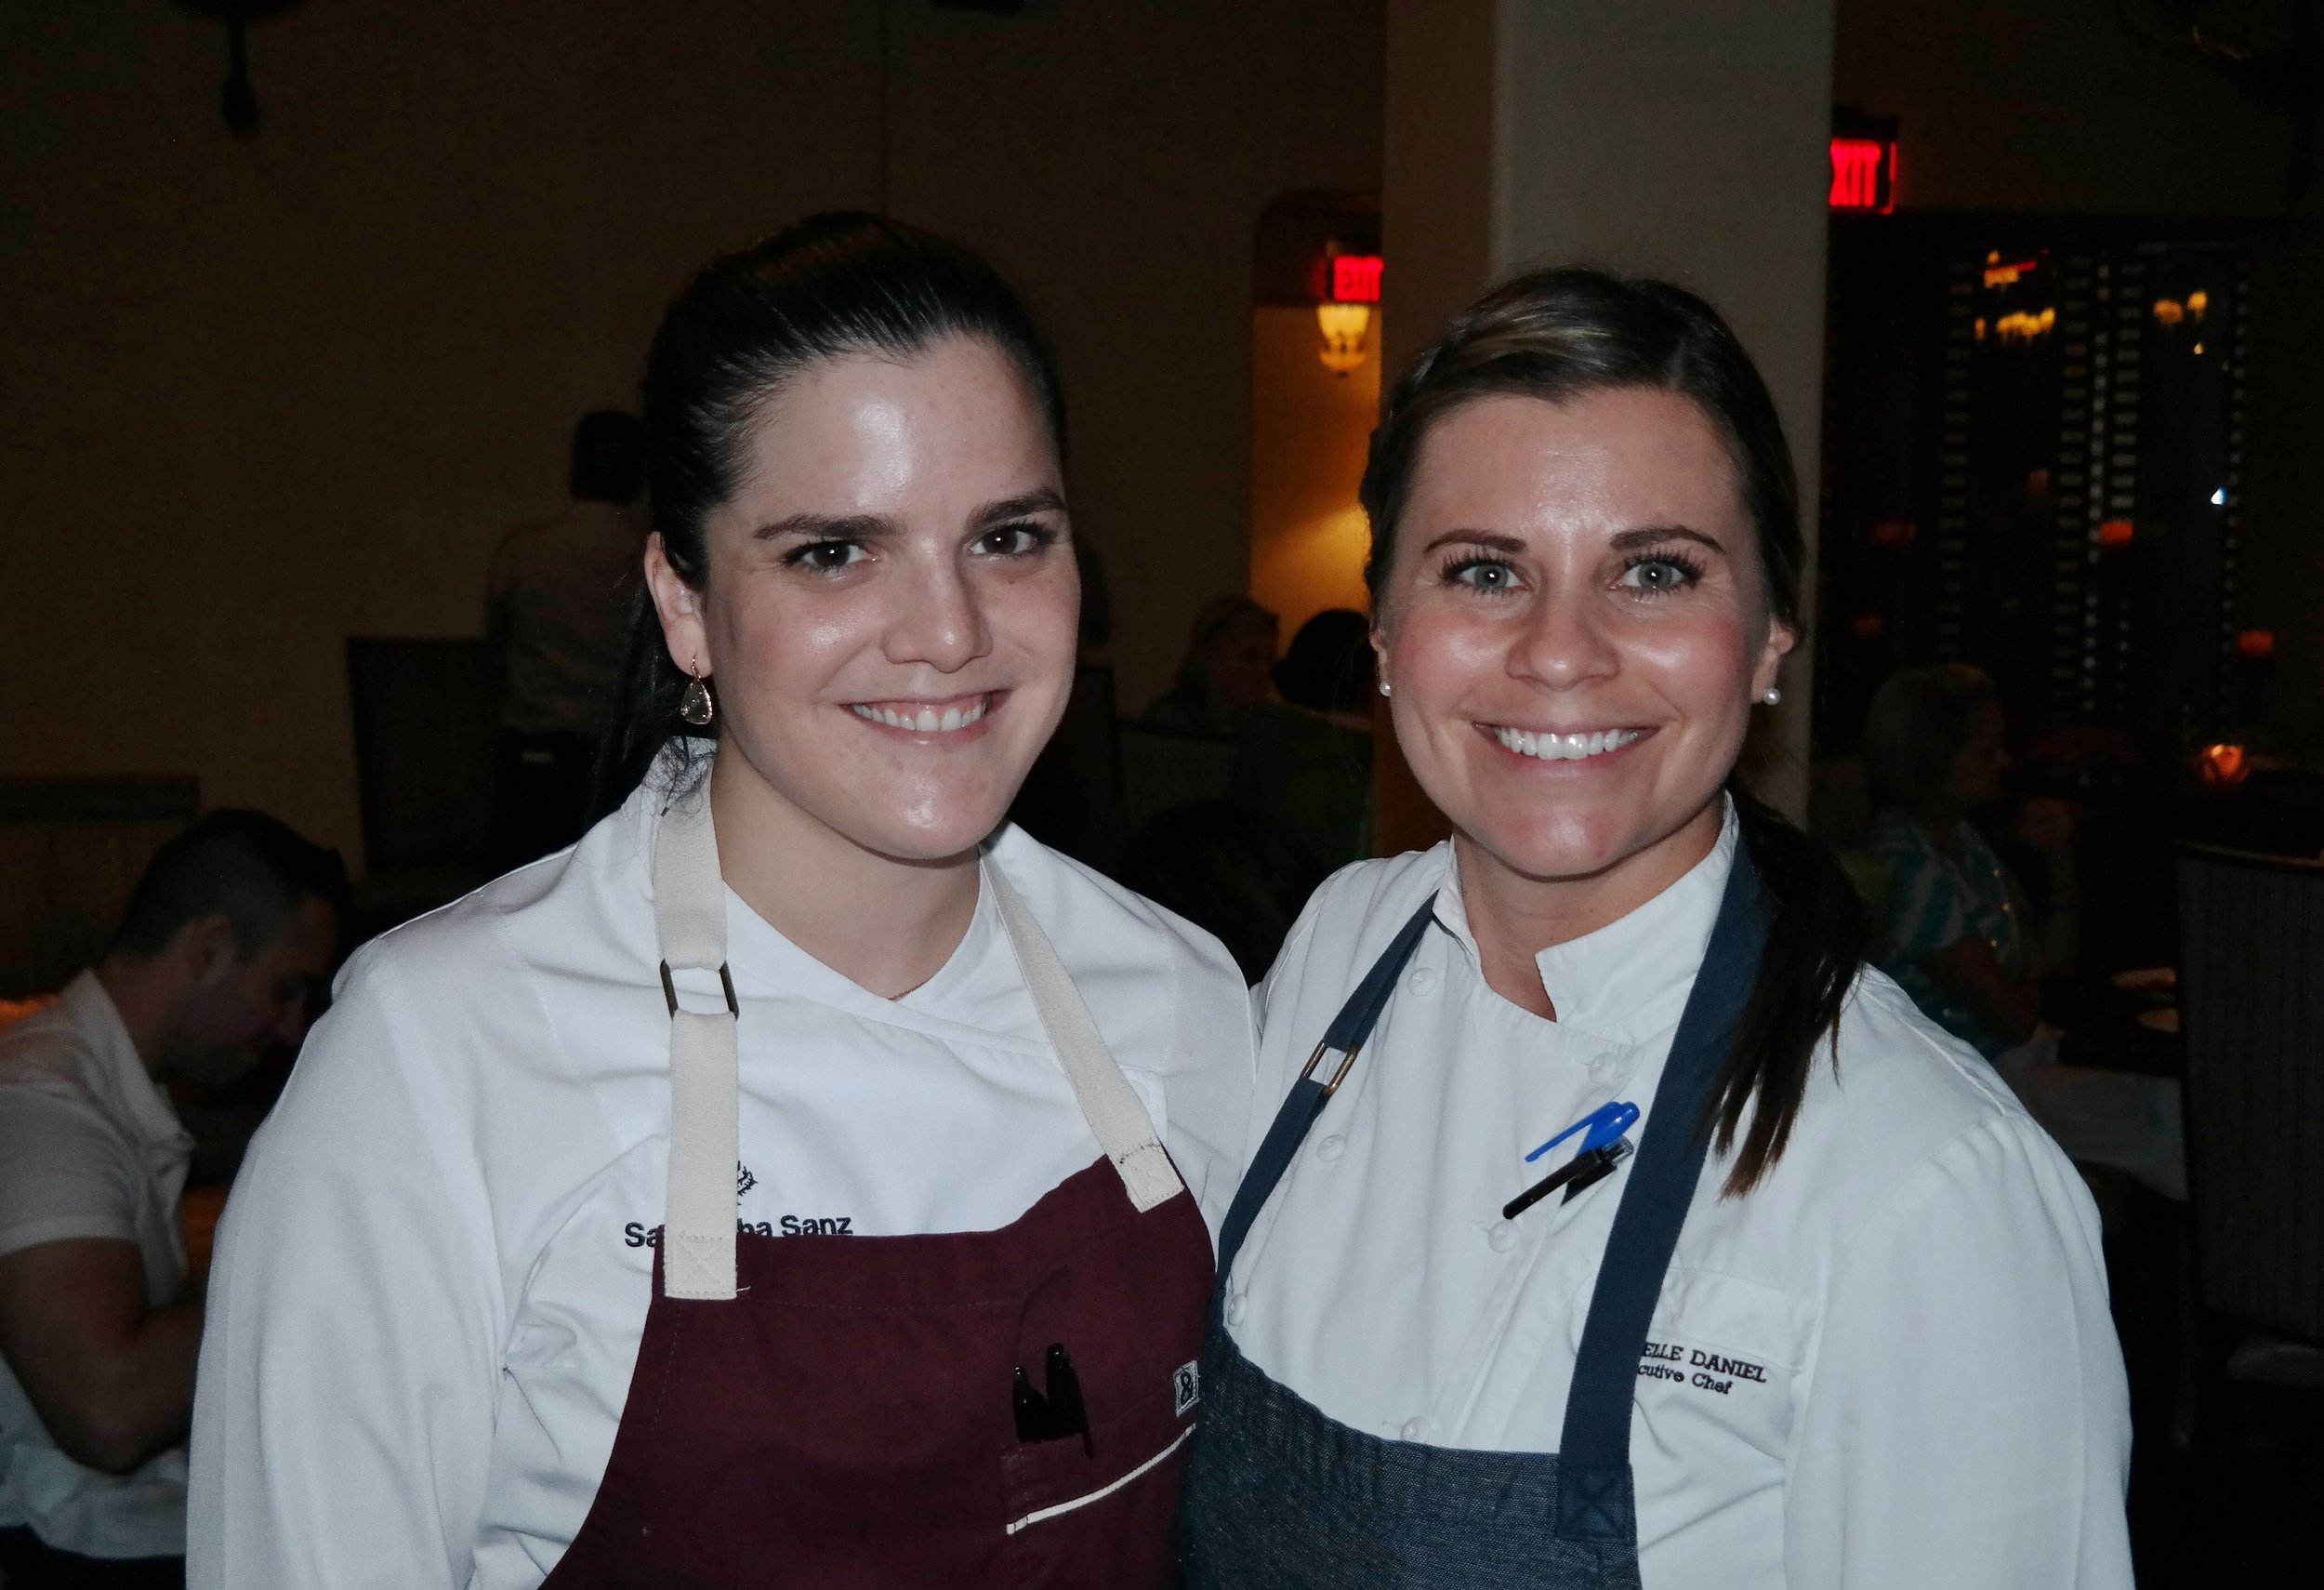 Chefs Samantha Sanz and Rochelle Daniel